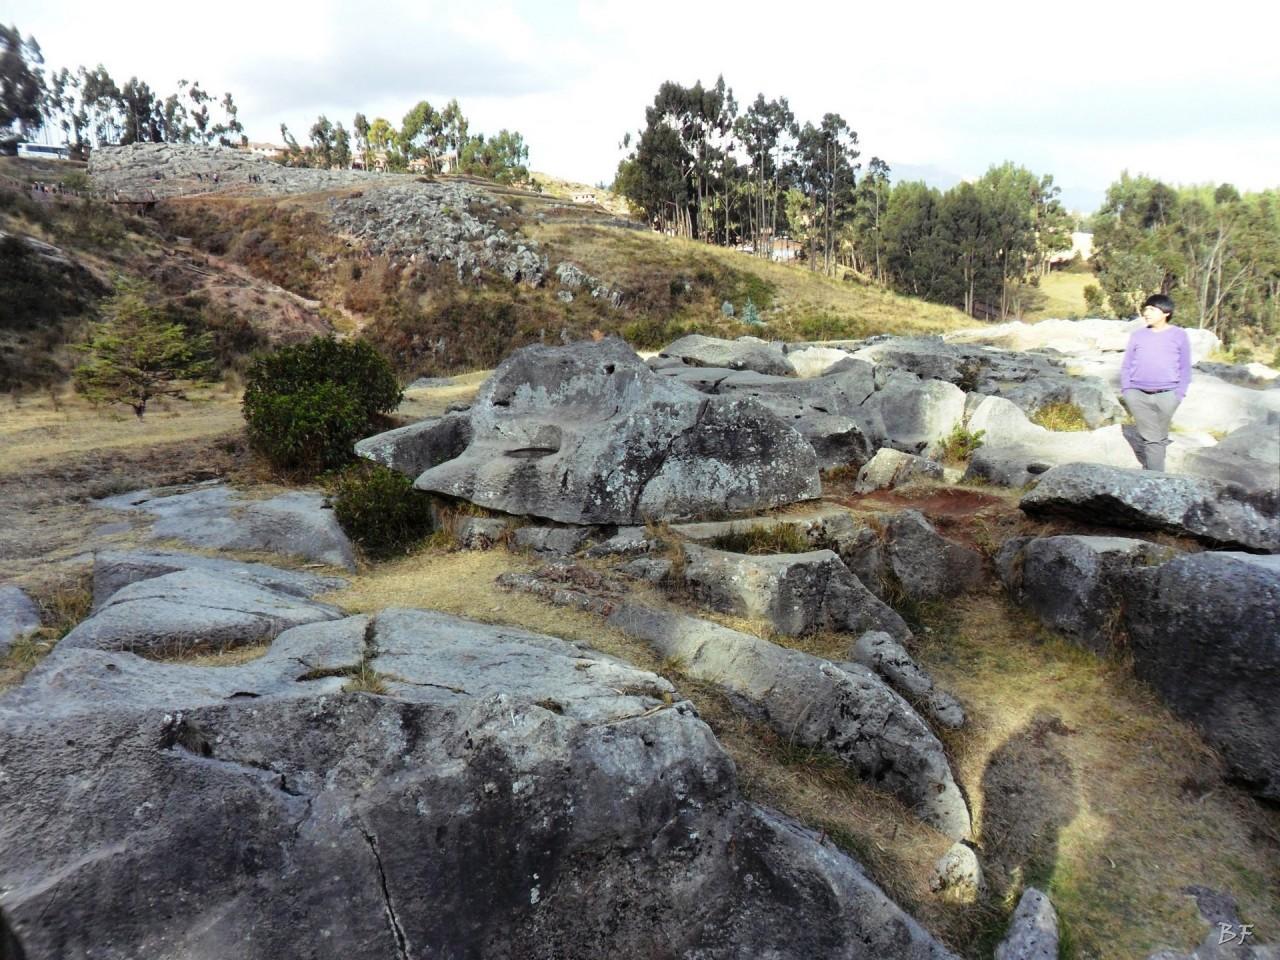 Qenqo-Chico-Altari-Mura-Poligonali-Megaliti-Cusco-Perù-4